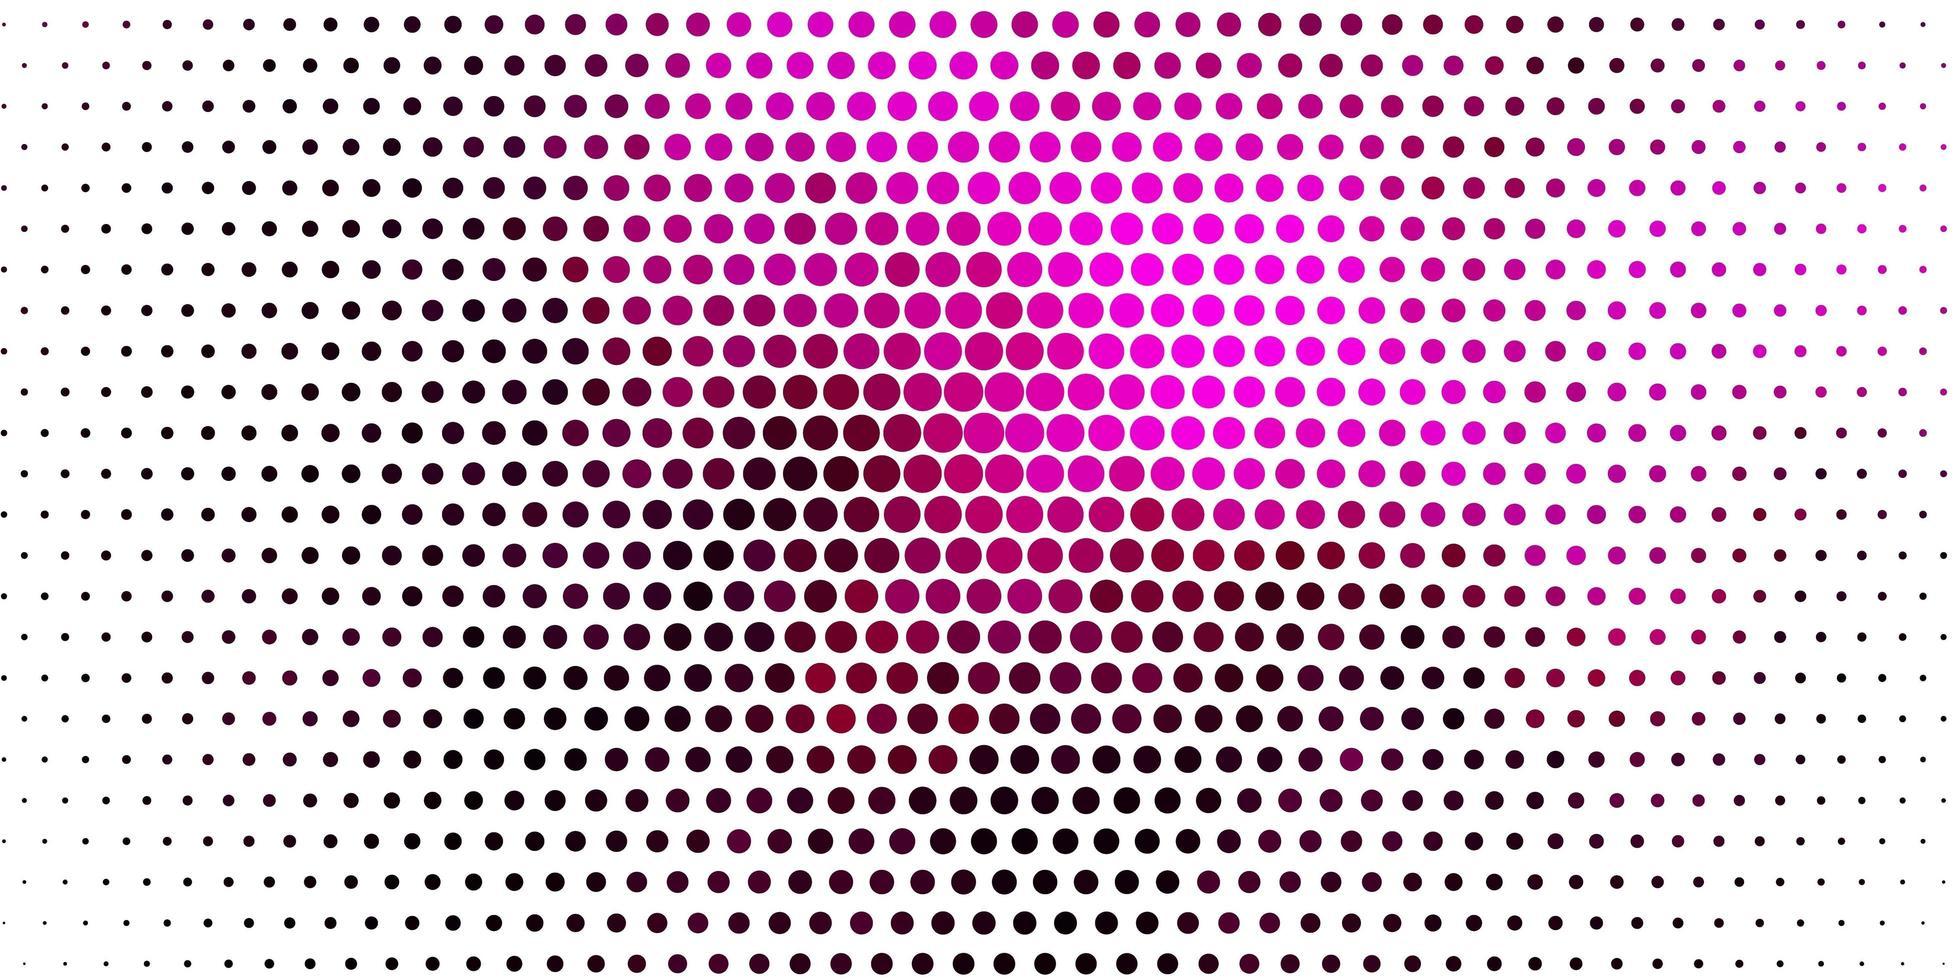 lichtroze vector patroon met bollen.